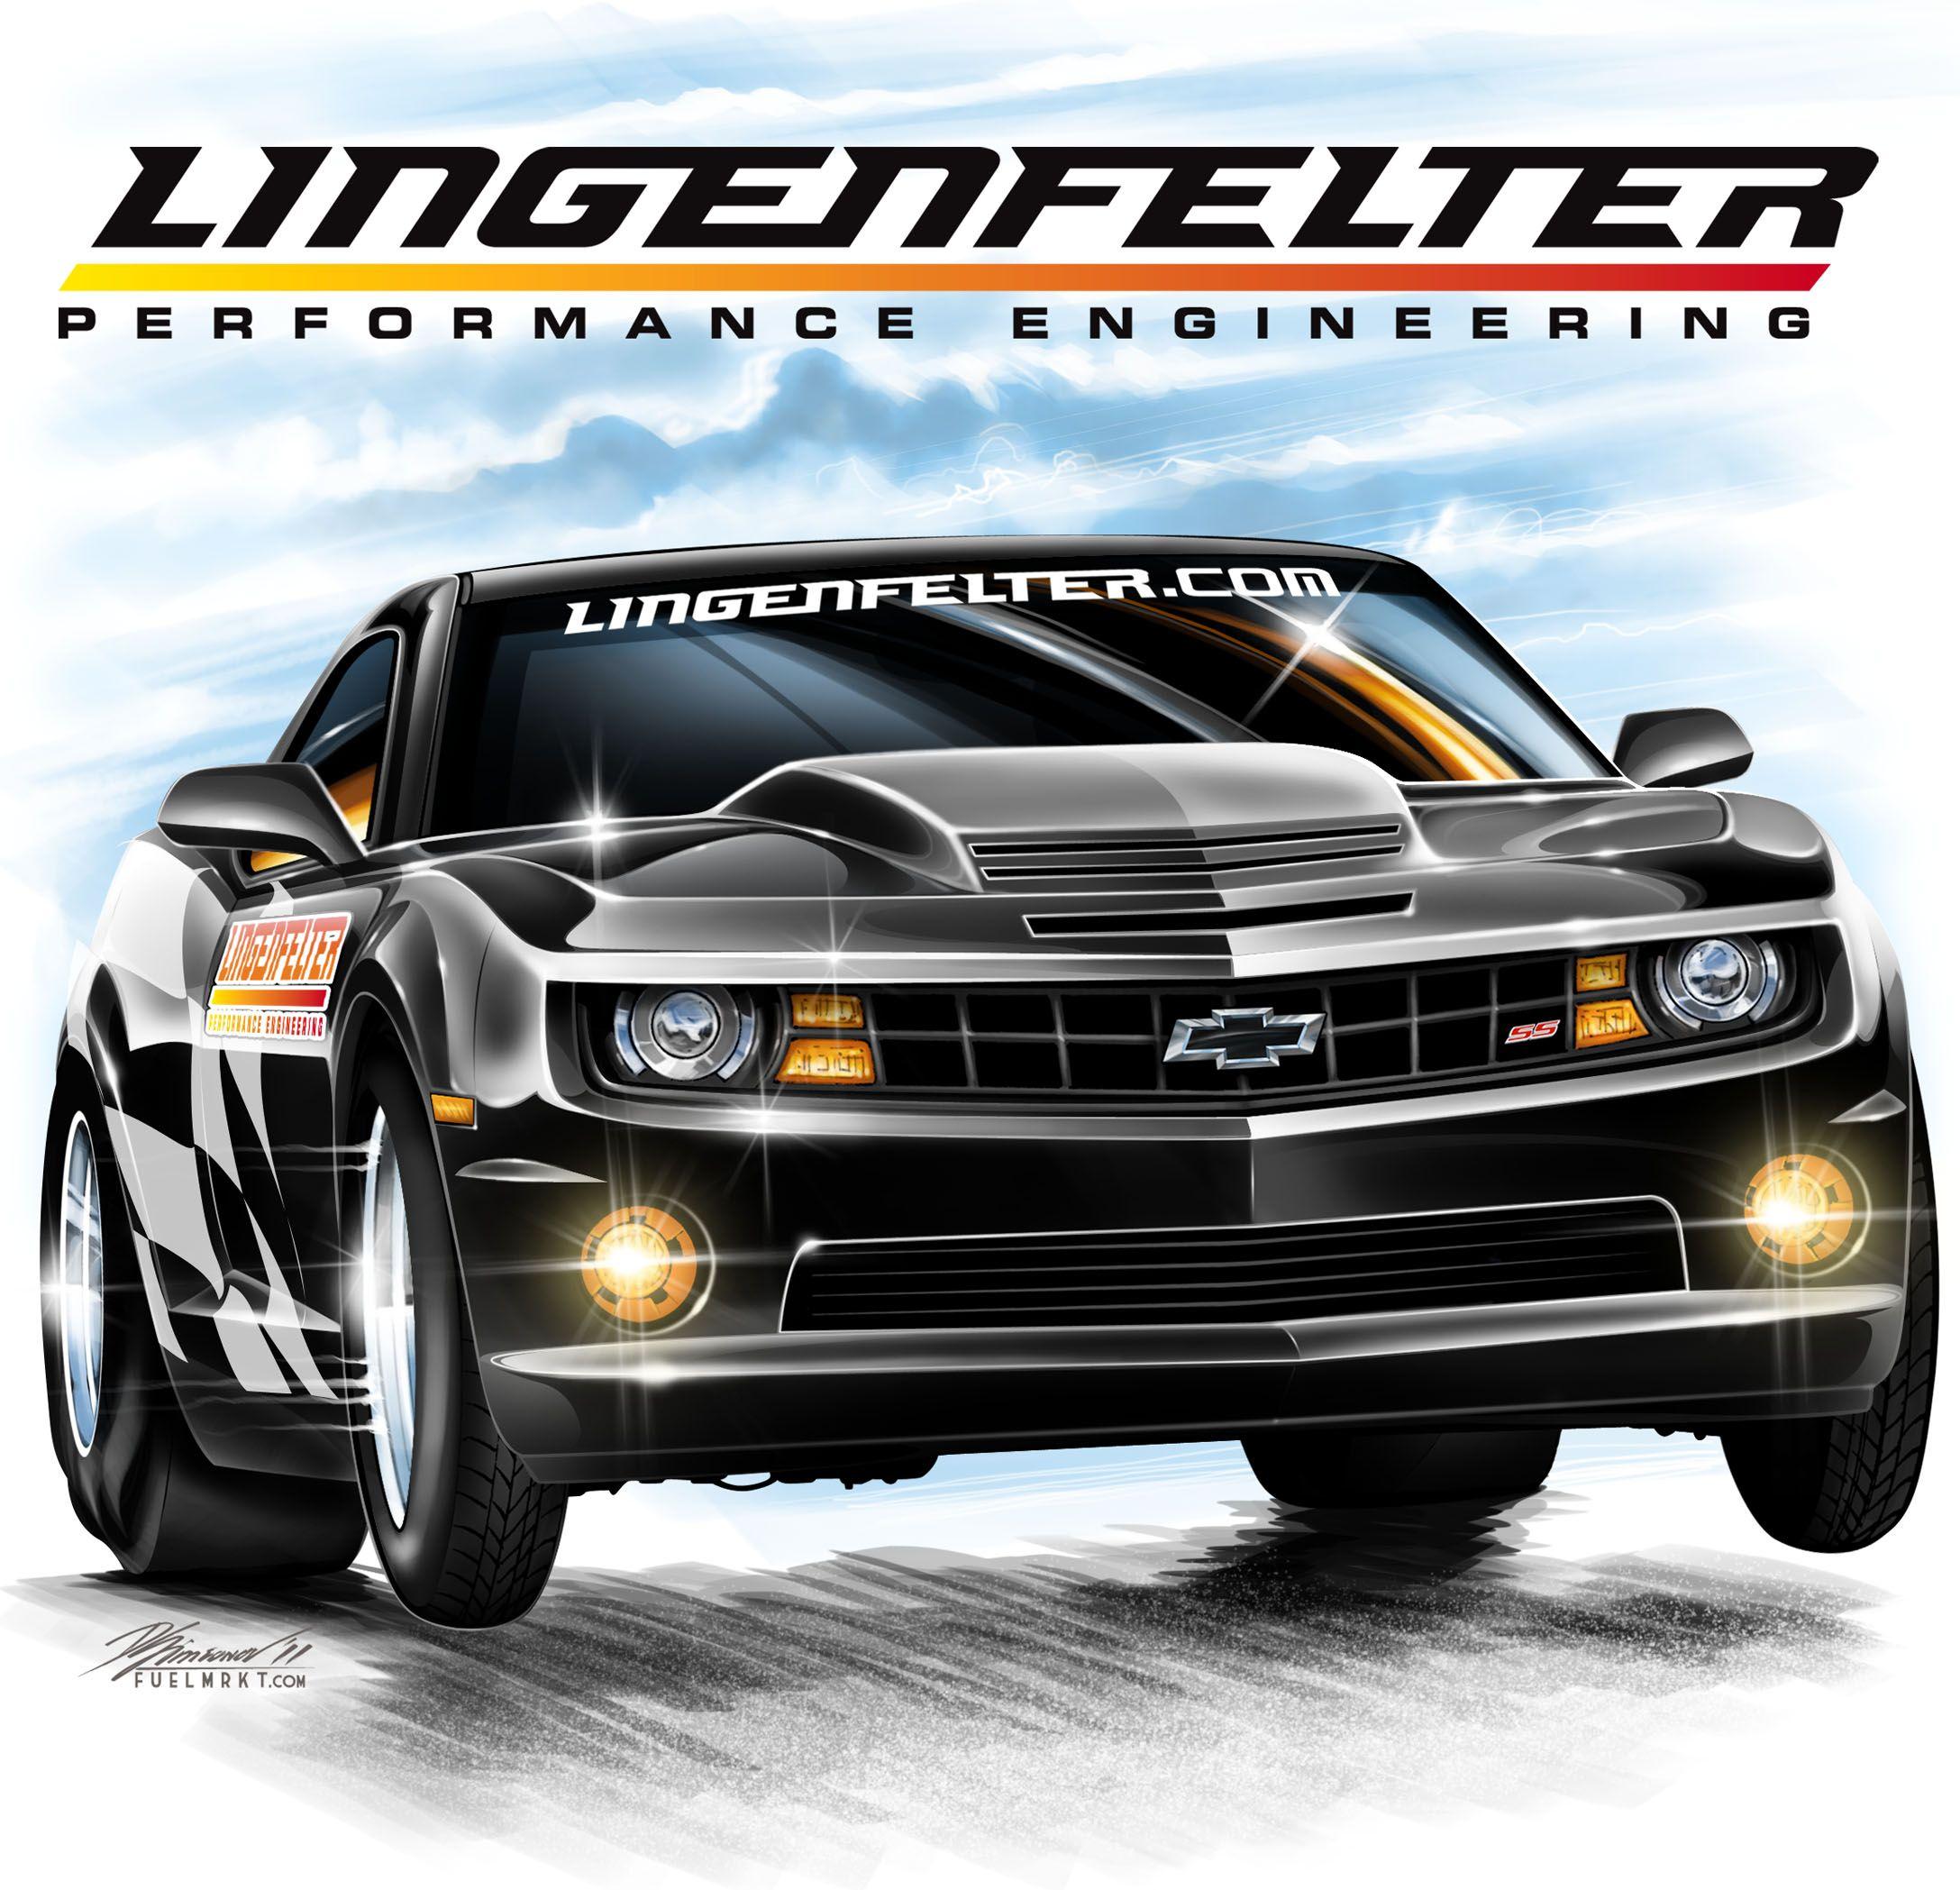 lingenfelter race car t shirt camaro horsepower. Black Bedroom Furniture Sets. Home Design Ideas